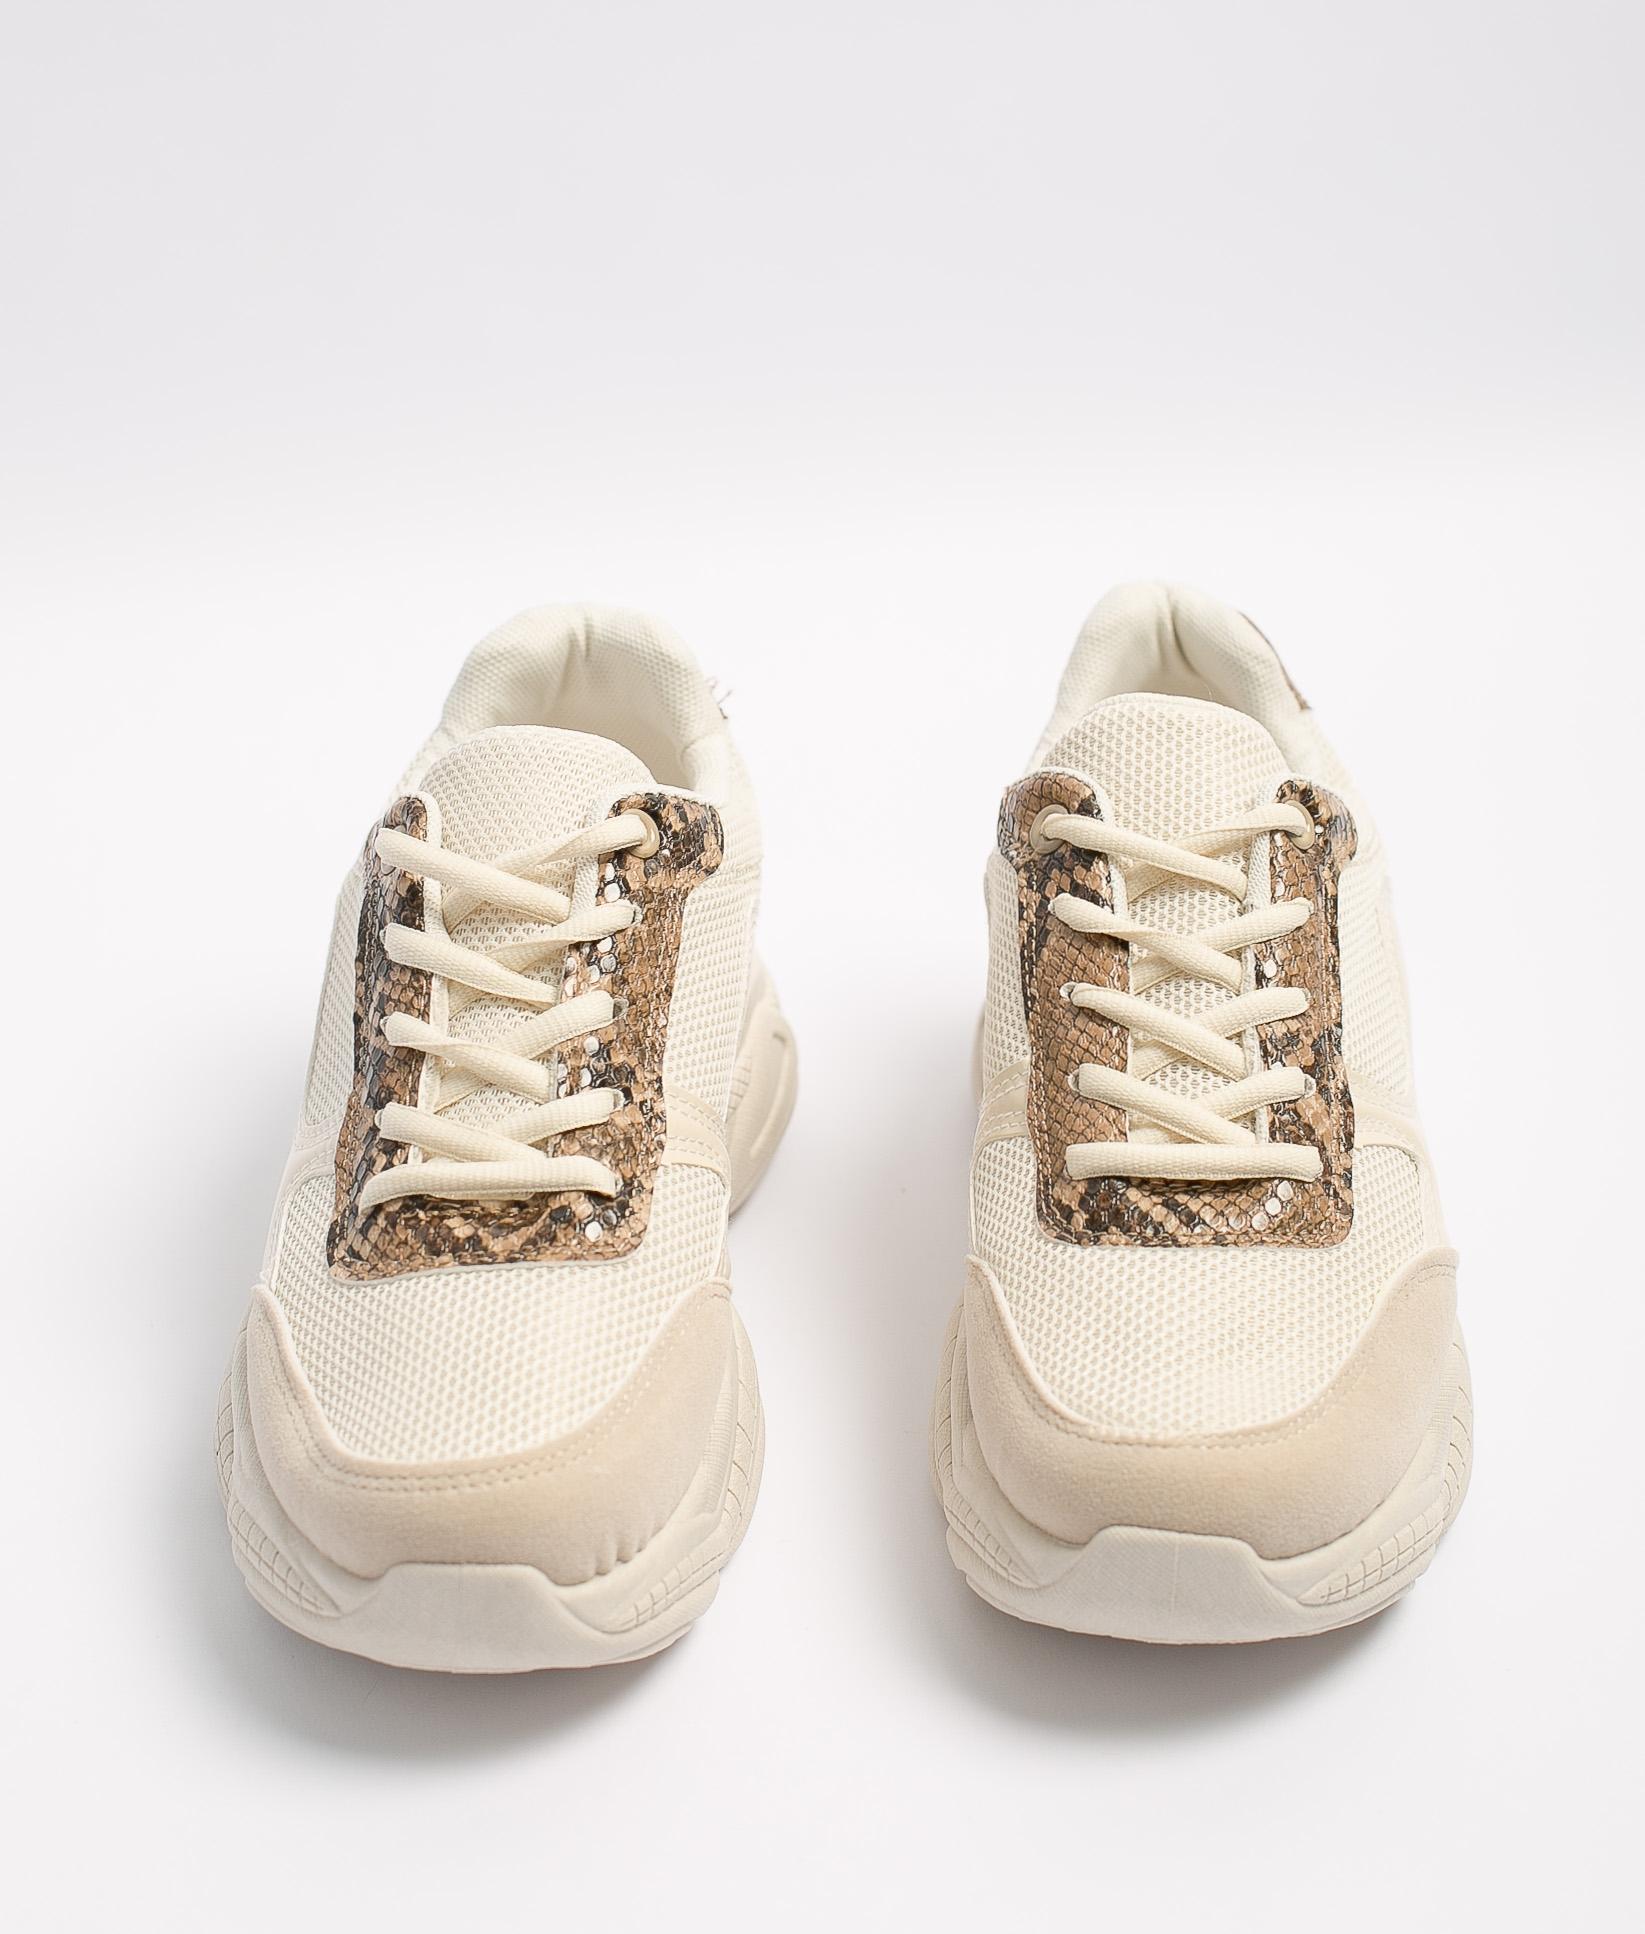 Sneakers Perta - Kaki